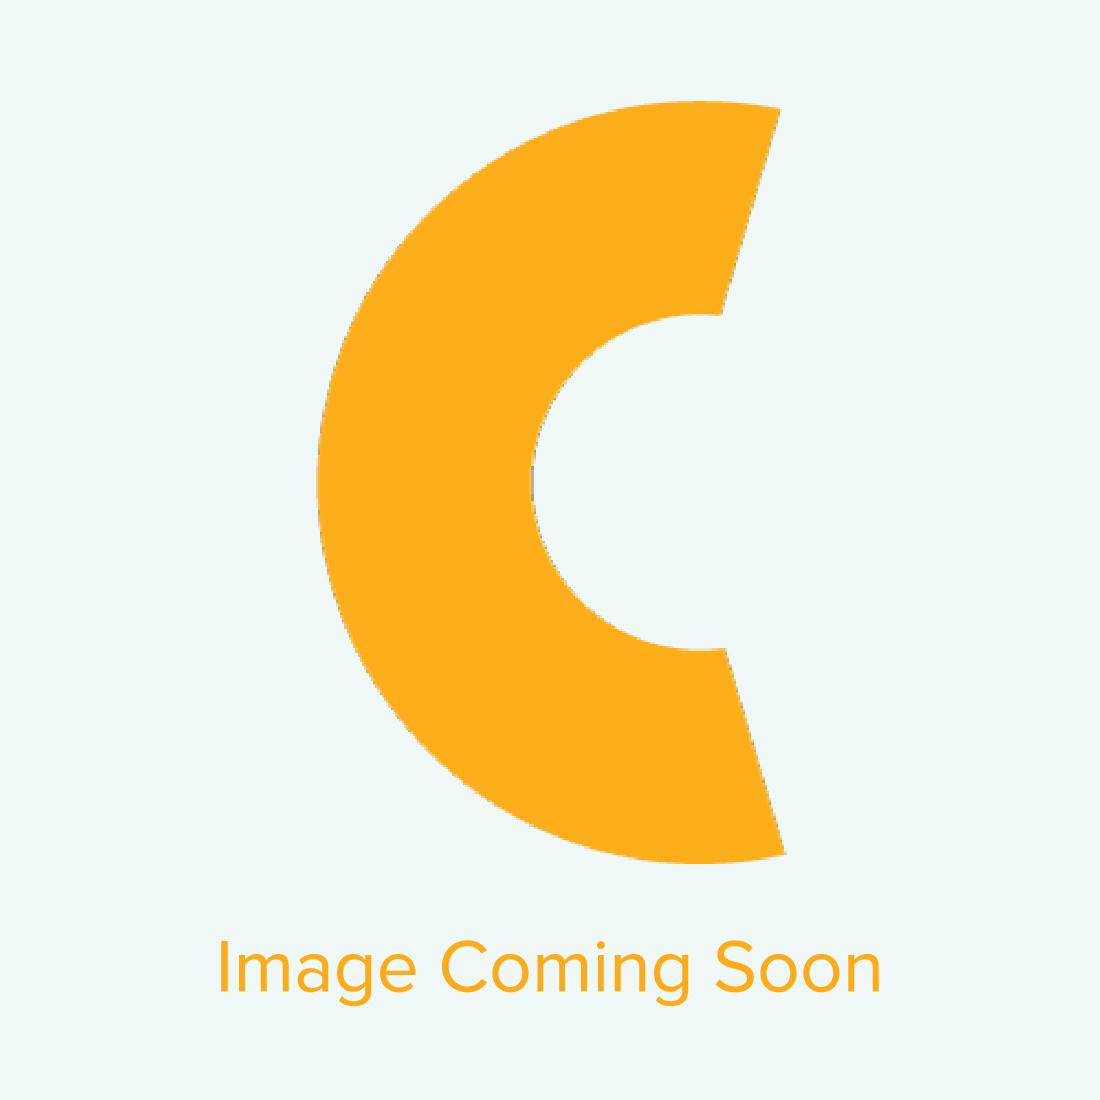 Epson 7700/7890/9700/9890 - Sublijet E Ink - 350 mL - Yellow (P4) Expired 11/30/17